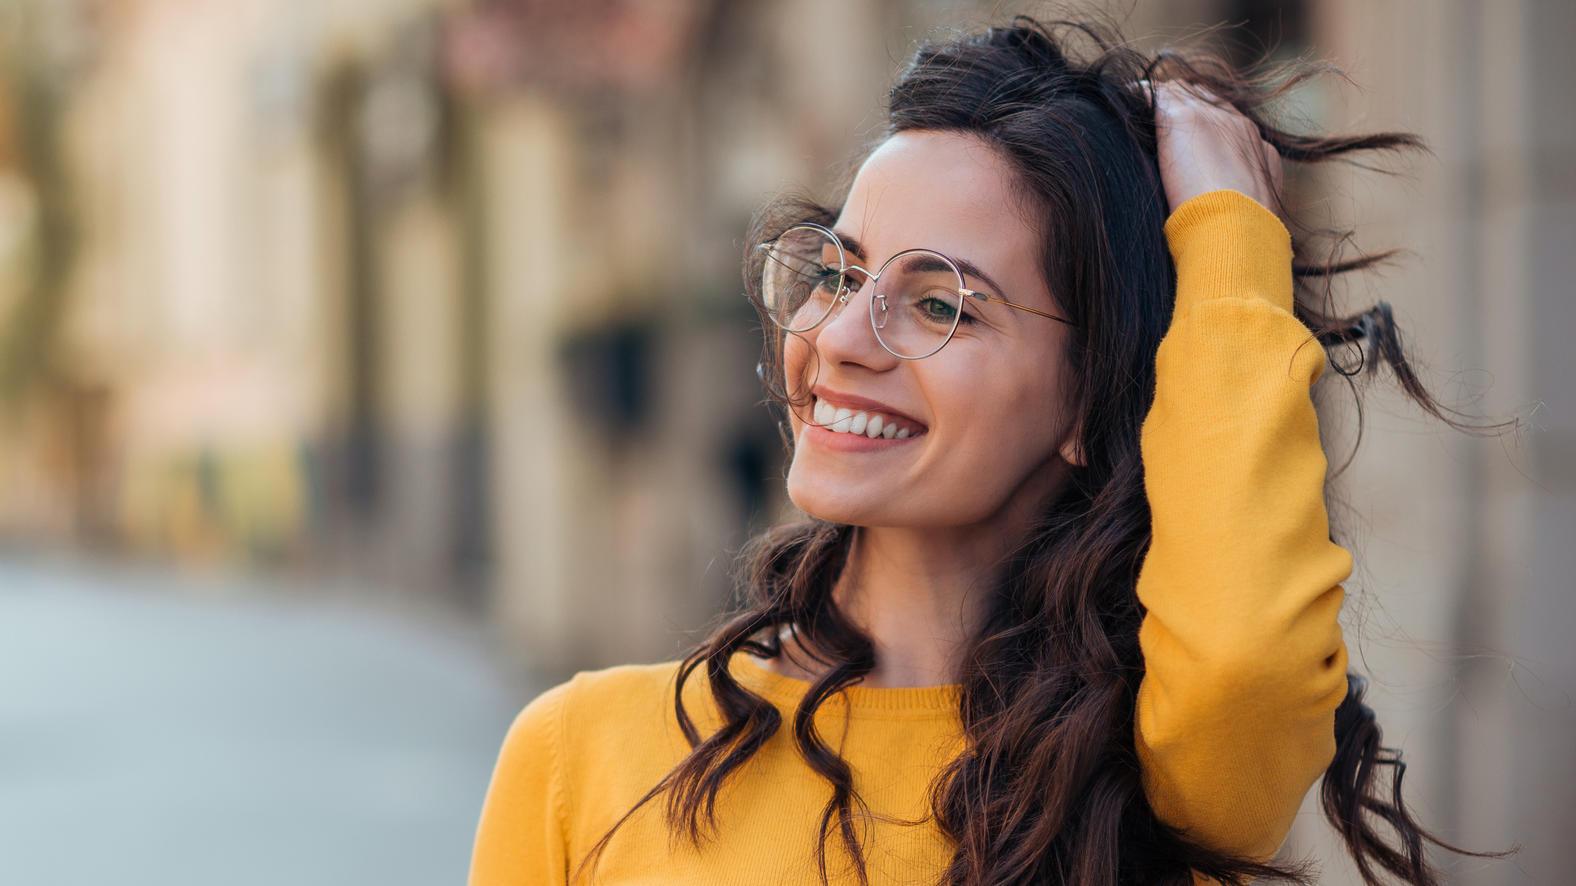 Wir verraten, wem der neue Brillen-Trend besonders gut steht